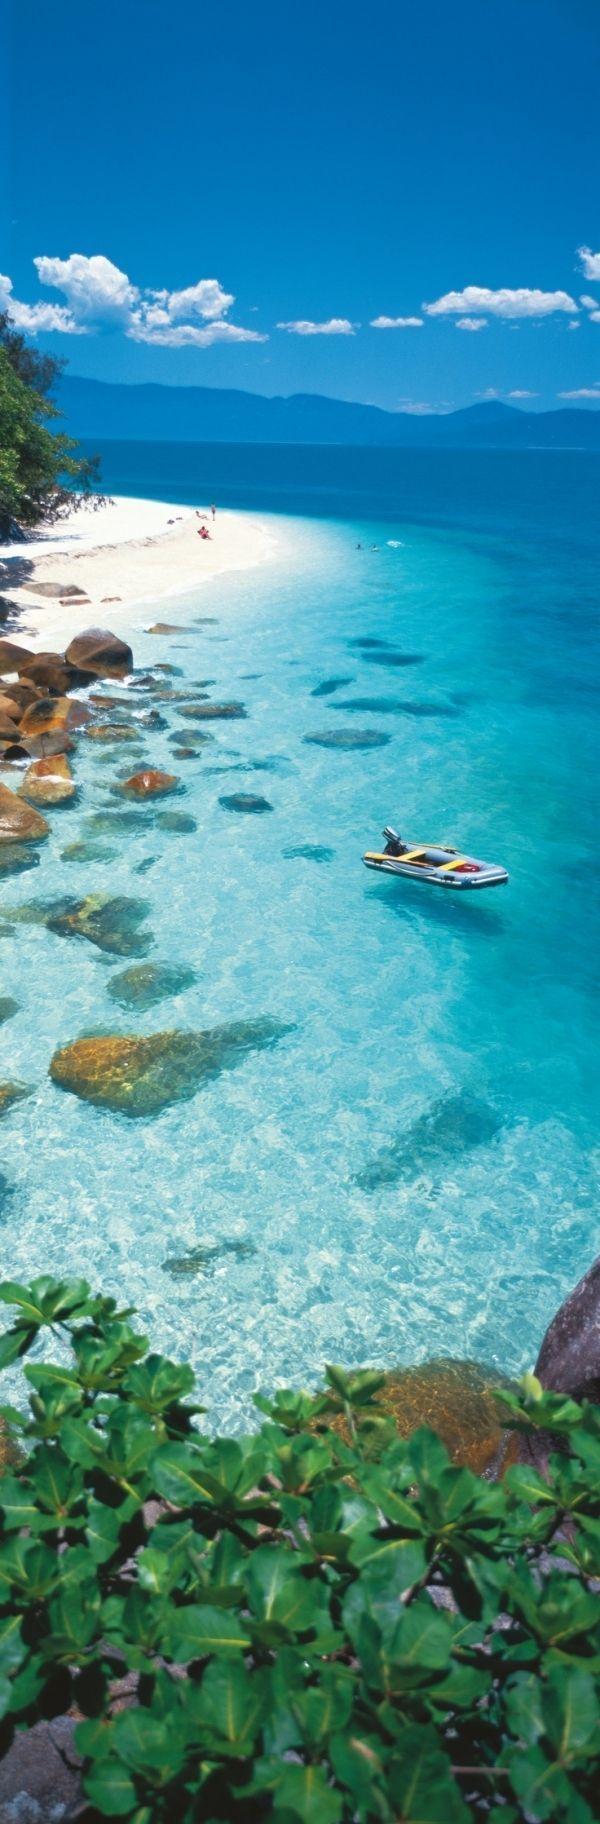 Filipinlerin cennet adası #Boracay. Filipinlere bağlı 7107 adadan en ünlüsü olan Boracay Adası ayrıca su sporları, golf sahaları ve sabahın ilk saatlerine kadar süren ışıltılı gece hayatıyla da oldukça ünlüdür. Doğa ile içe içe olmayı ve yeni keşifler yapmayı seven maceracı tatilciler için dalış imkânlarıyla su altında büyük bir hazine sunulmaktadır. http://www.wts.com.tr/boracay-adasi-turlari.htm